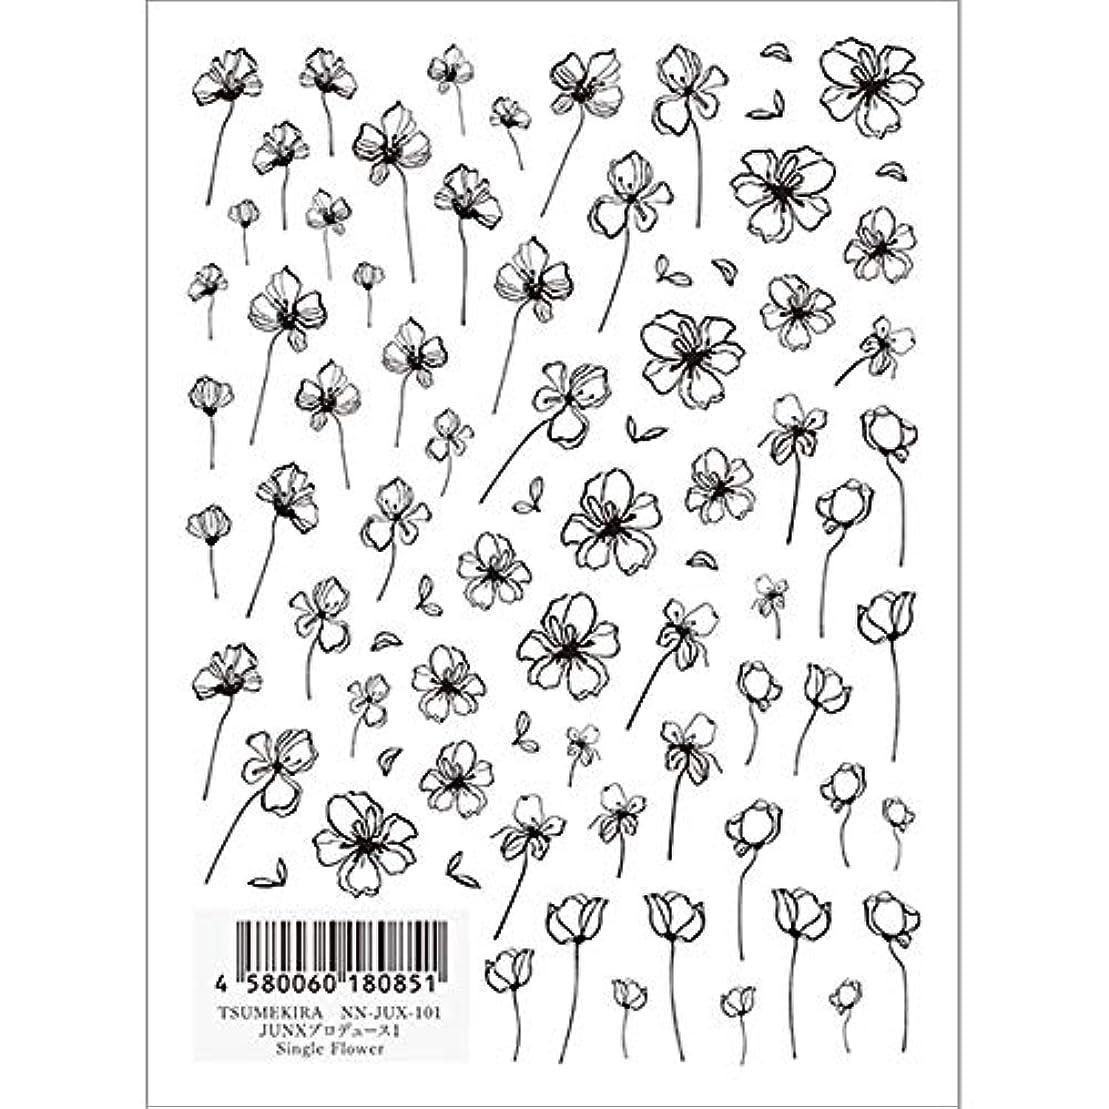 財布収まるラリーTSUMEKIRA(ツメキラ) ネイルシール JUNXプロデュース1 Single Flower NN-JUX-101 1枚